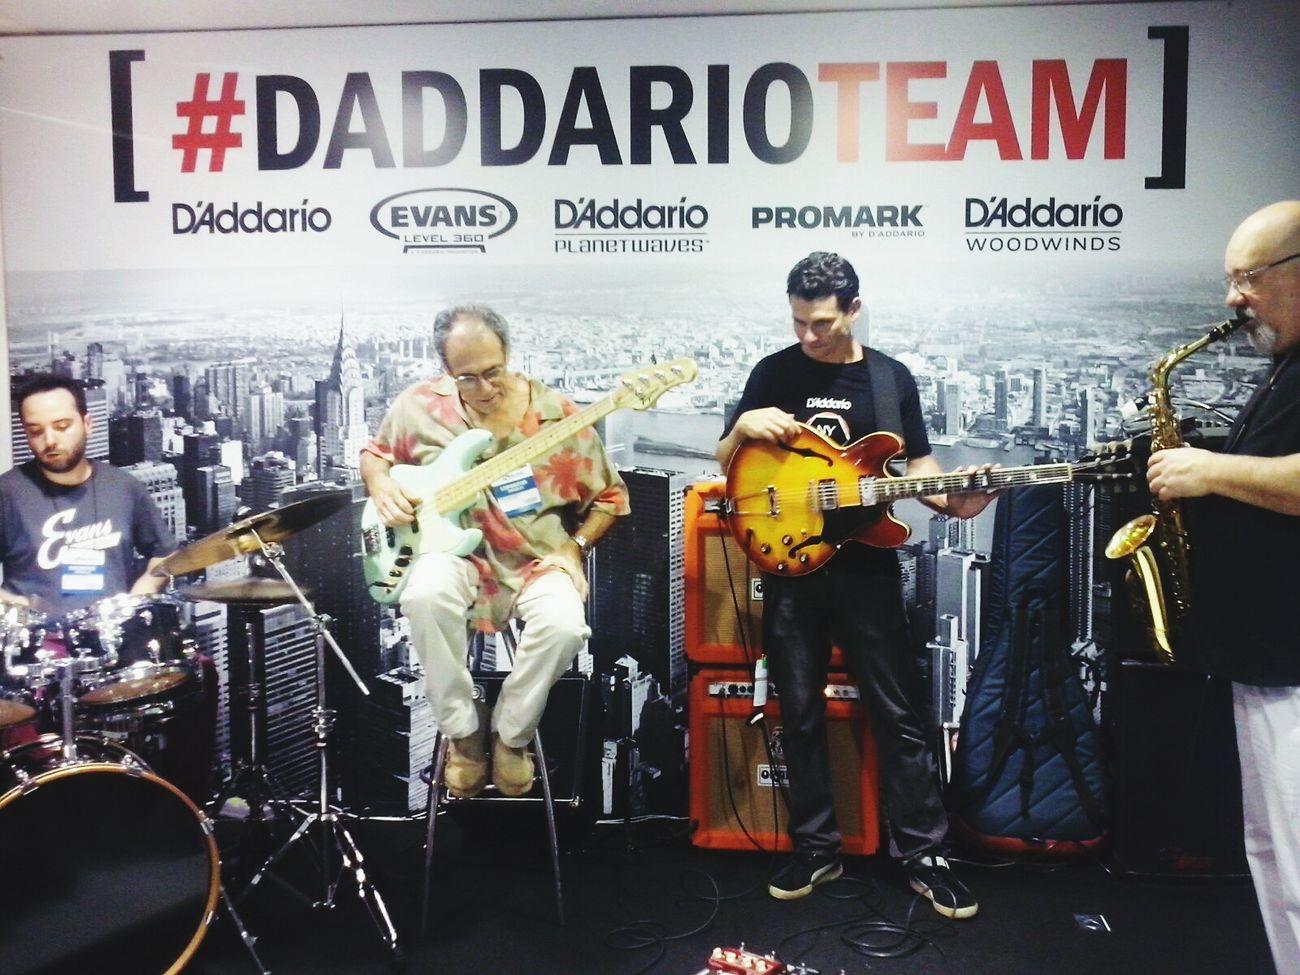 Banda de jazz maravilhosa Jazz Daddariotean Expo2015 Expo Music